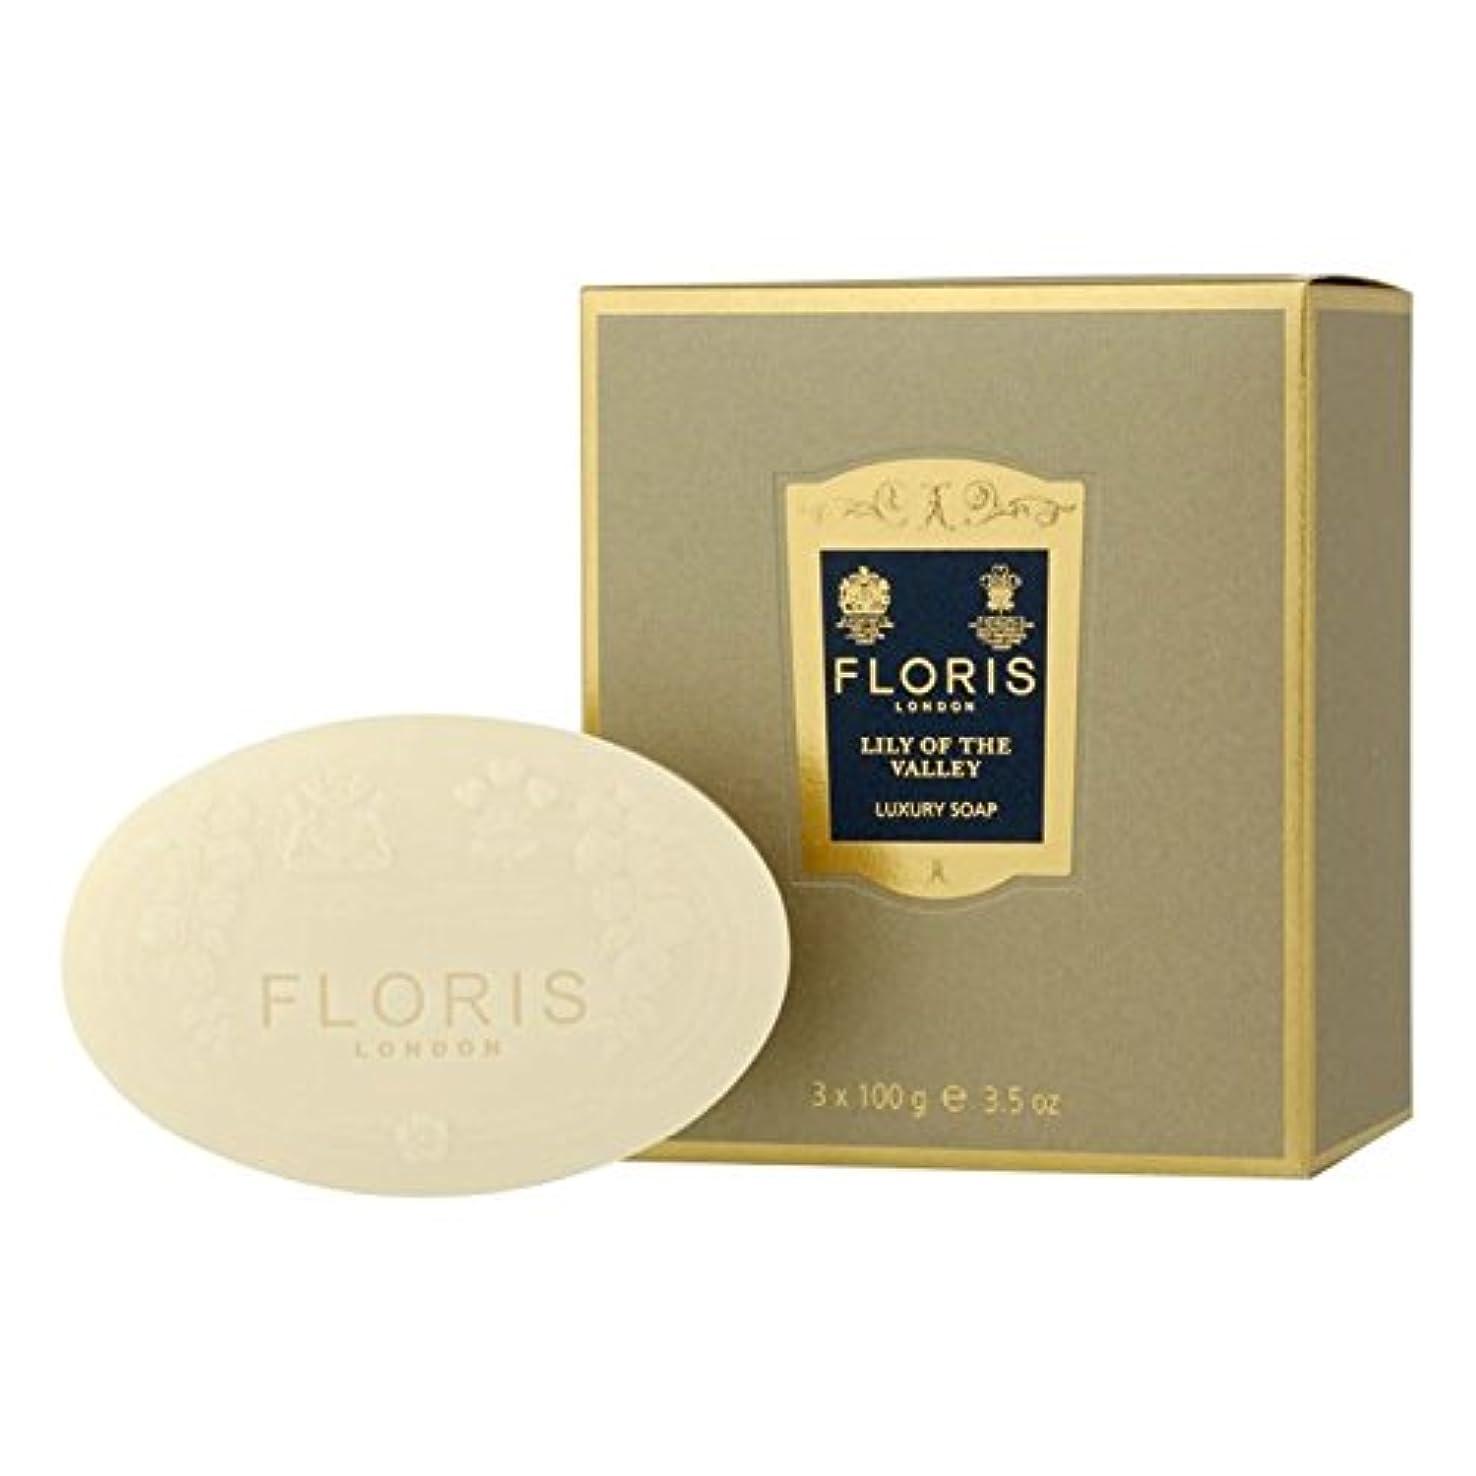 コインランドリー満たす系統的[Floris ] 谷の高級石鹸のフロリスユリは、3×100グラムを設定します - Floris Lily of the Valley Luxury Soap Set 3 x 100g [並行輸入品]